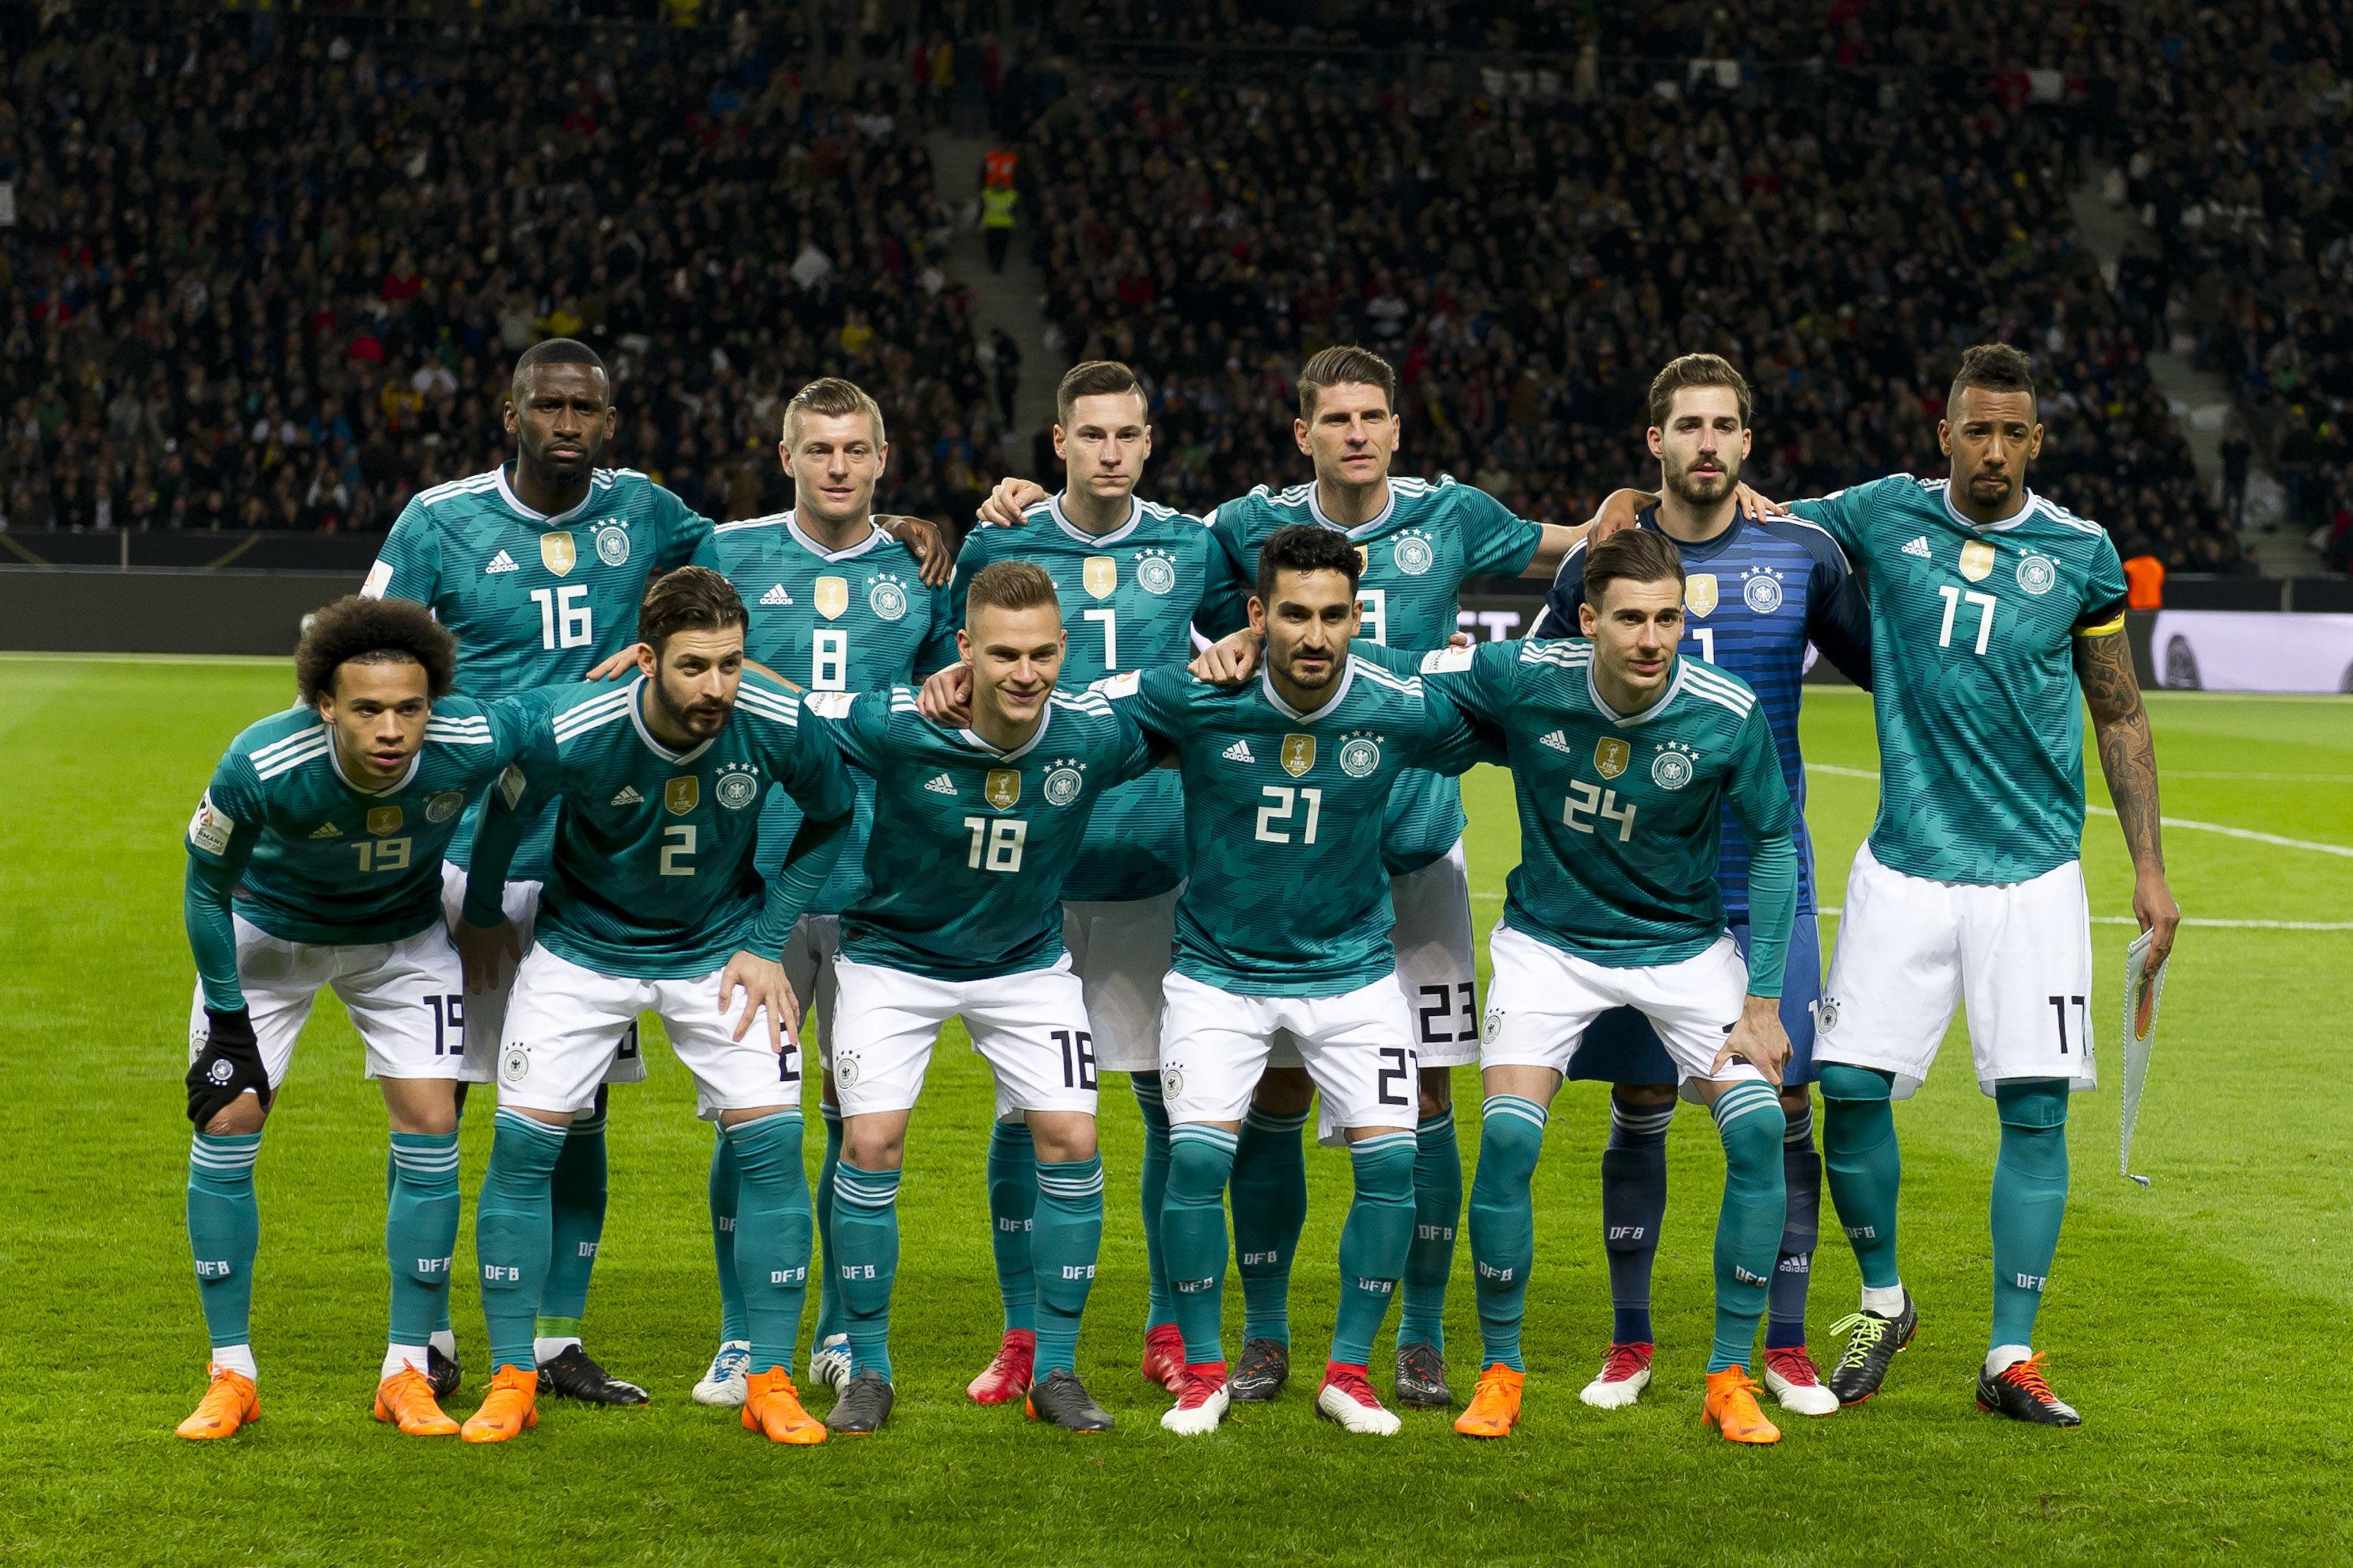 Darum spielt Deutschland gegen Südkorea in grünen